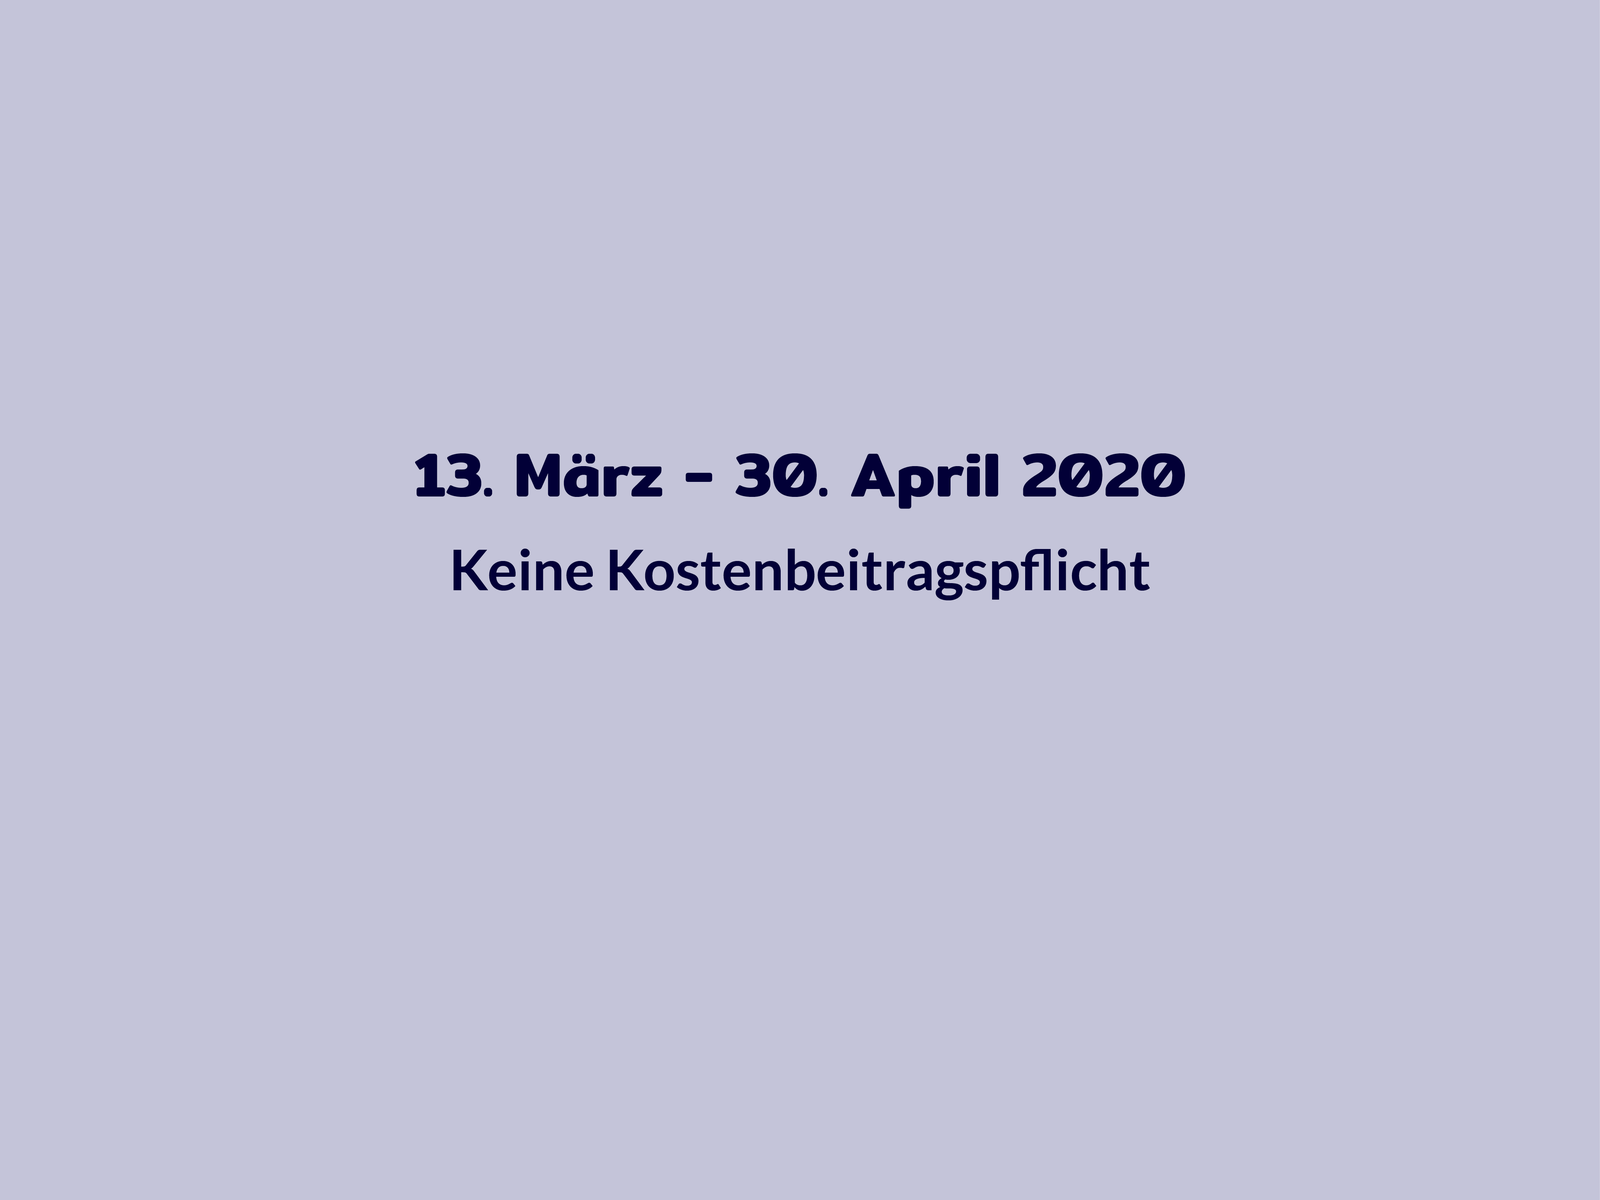 Chronologie Kosten 13. März bis 30. April 2020